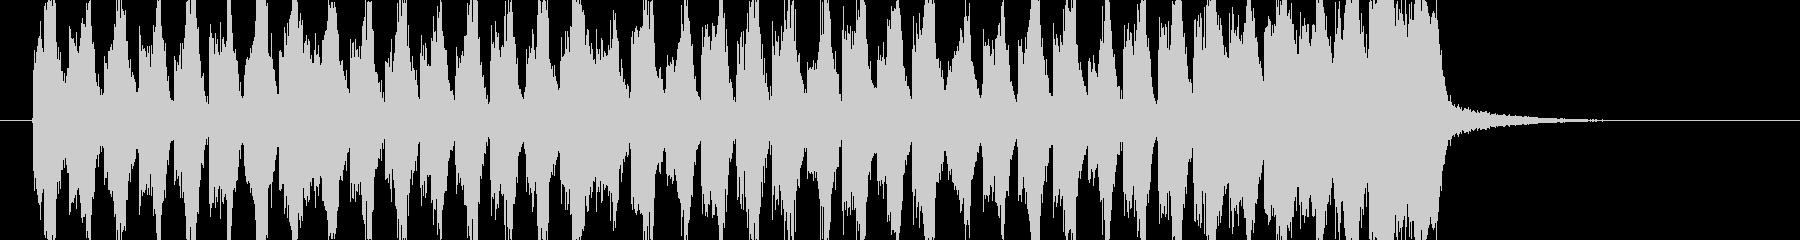 煽りEDM アイネクライネ ショート1の未再生の波形